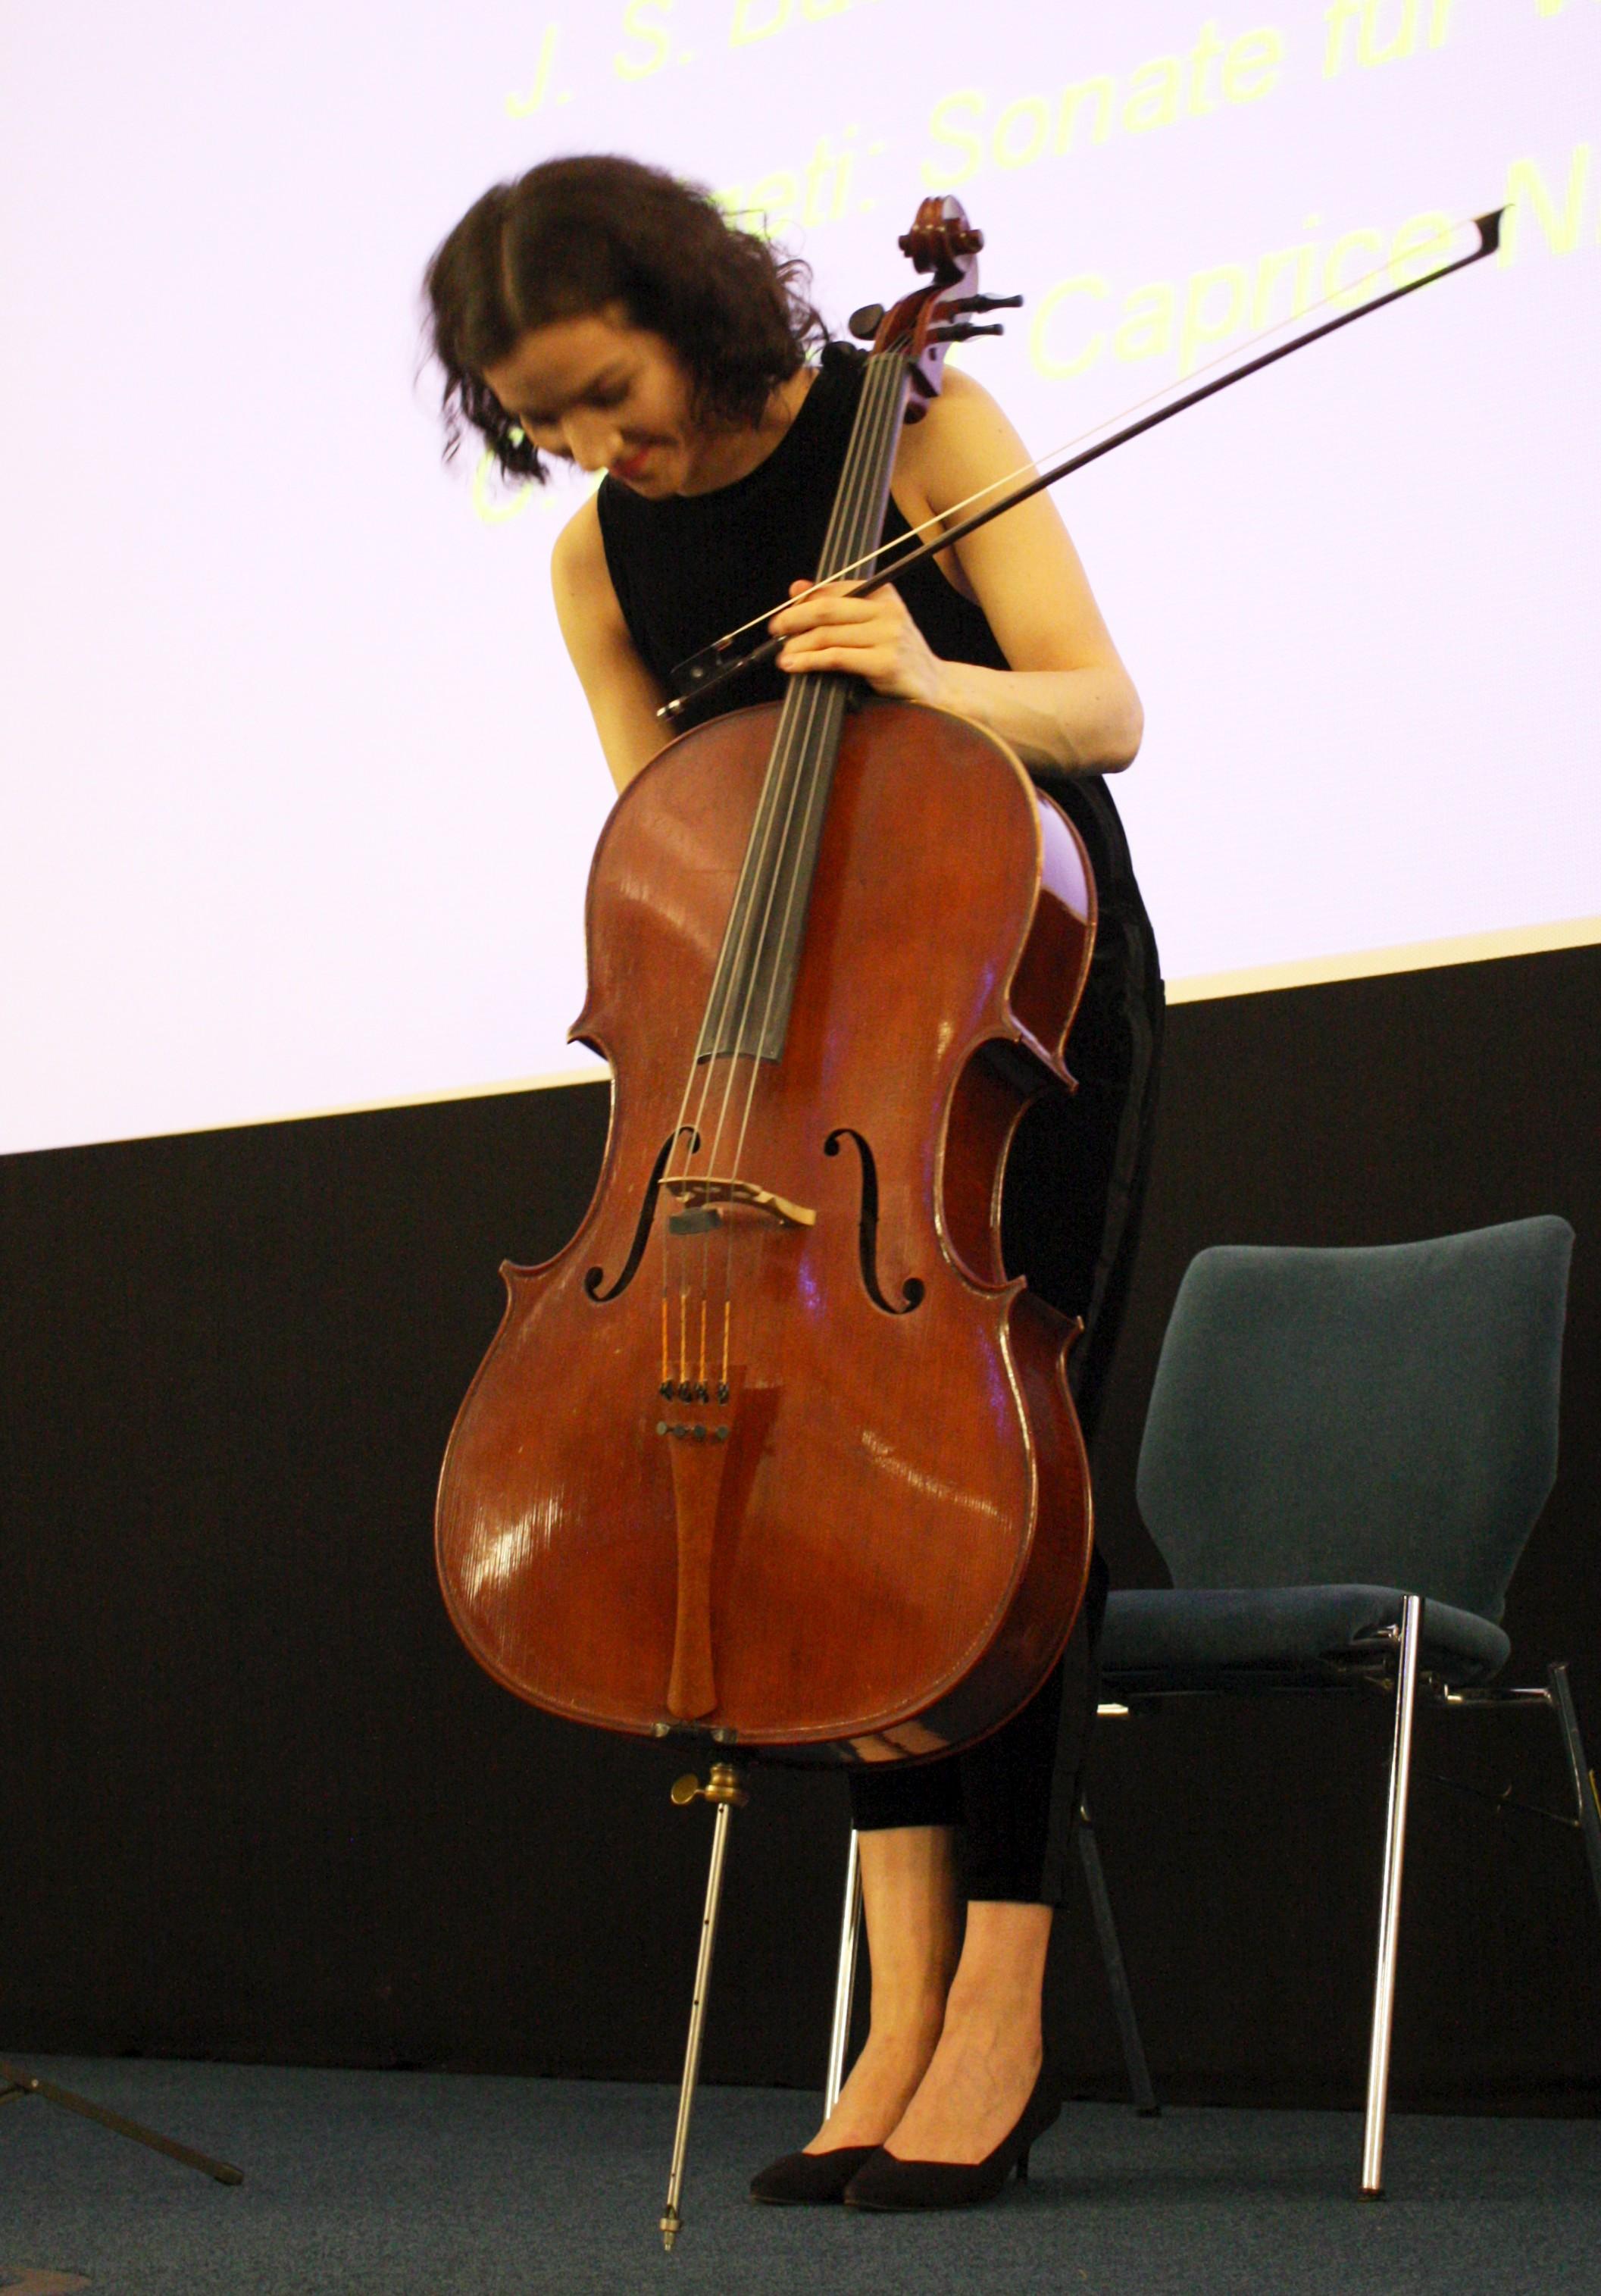 Leibniz-Tag 2017; Cellistin Natatlia Costiuc, nimmt den Dank für ihren Musik-Darbietung entgegen